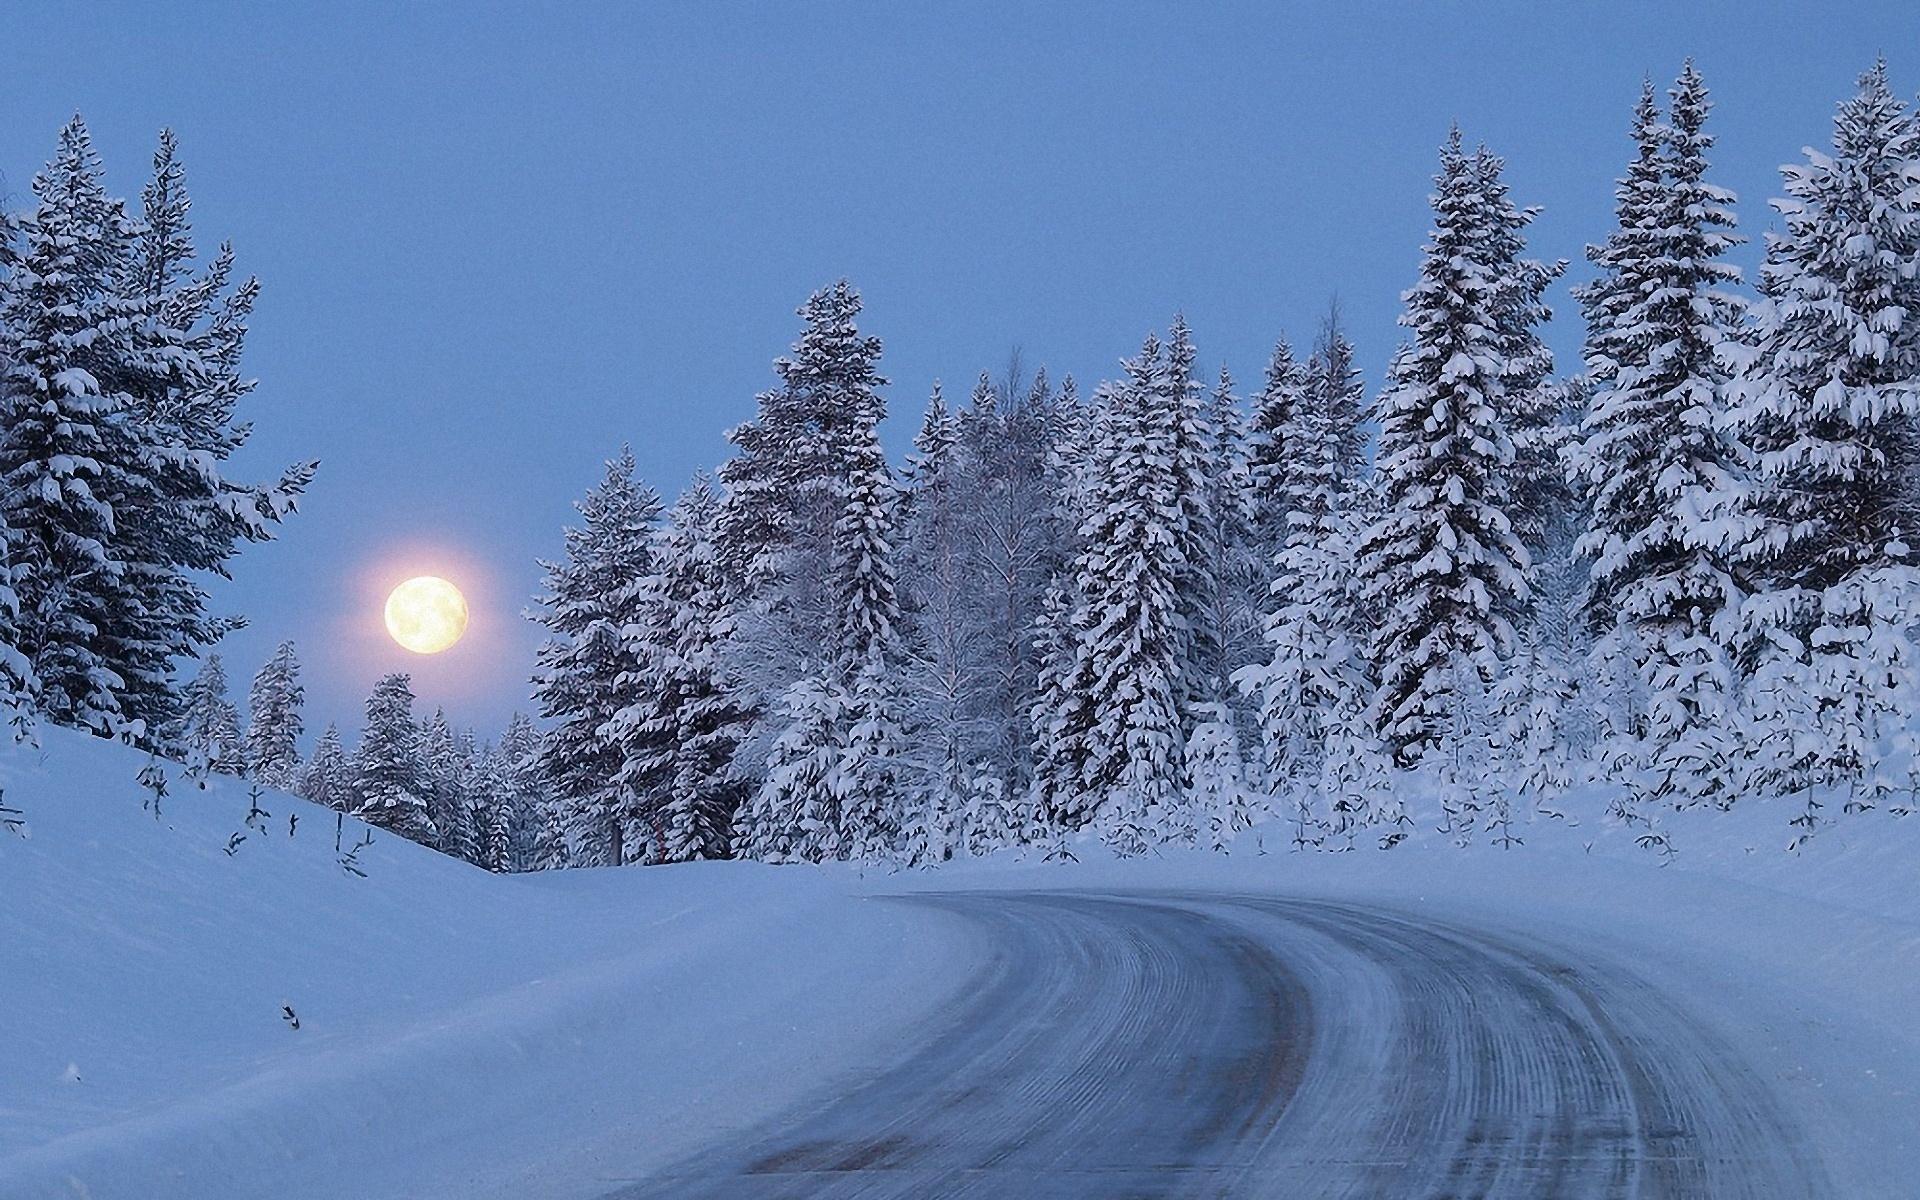 дорога зима вечер снег  № 3902612 загрузить